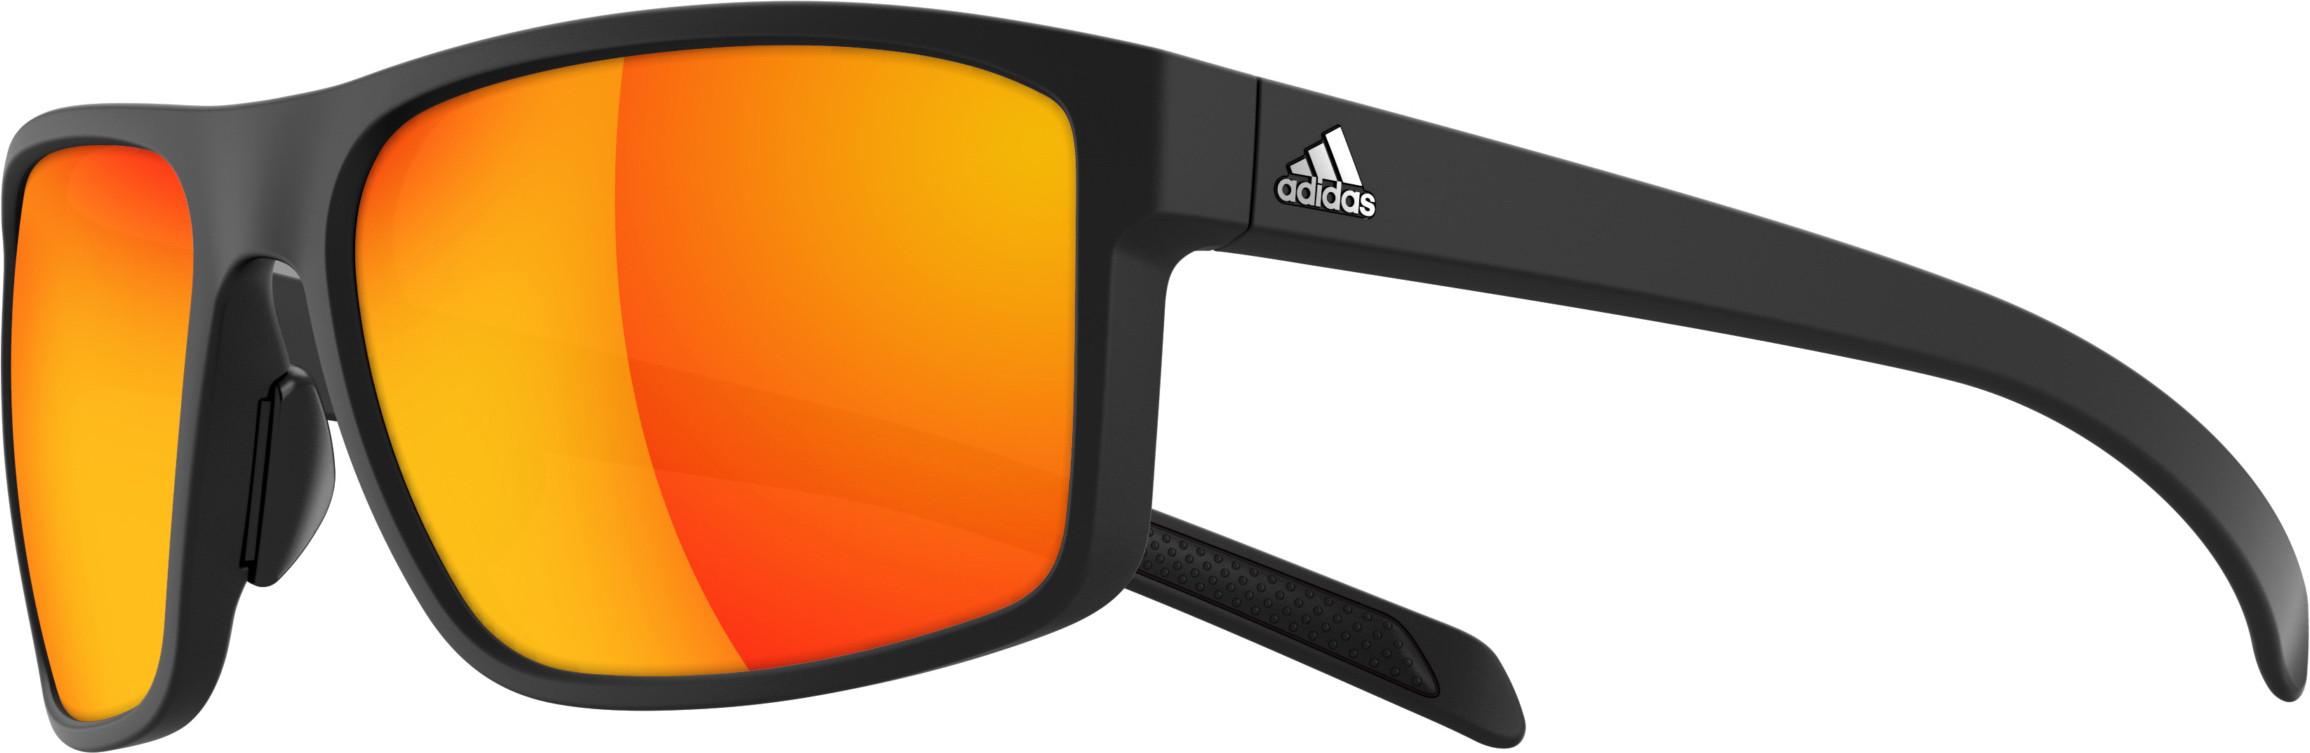 Adidas Whipstart Black Matte/Red Mirror